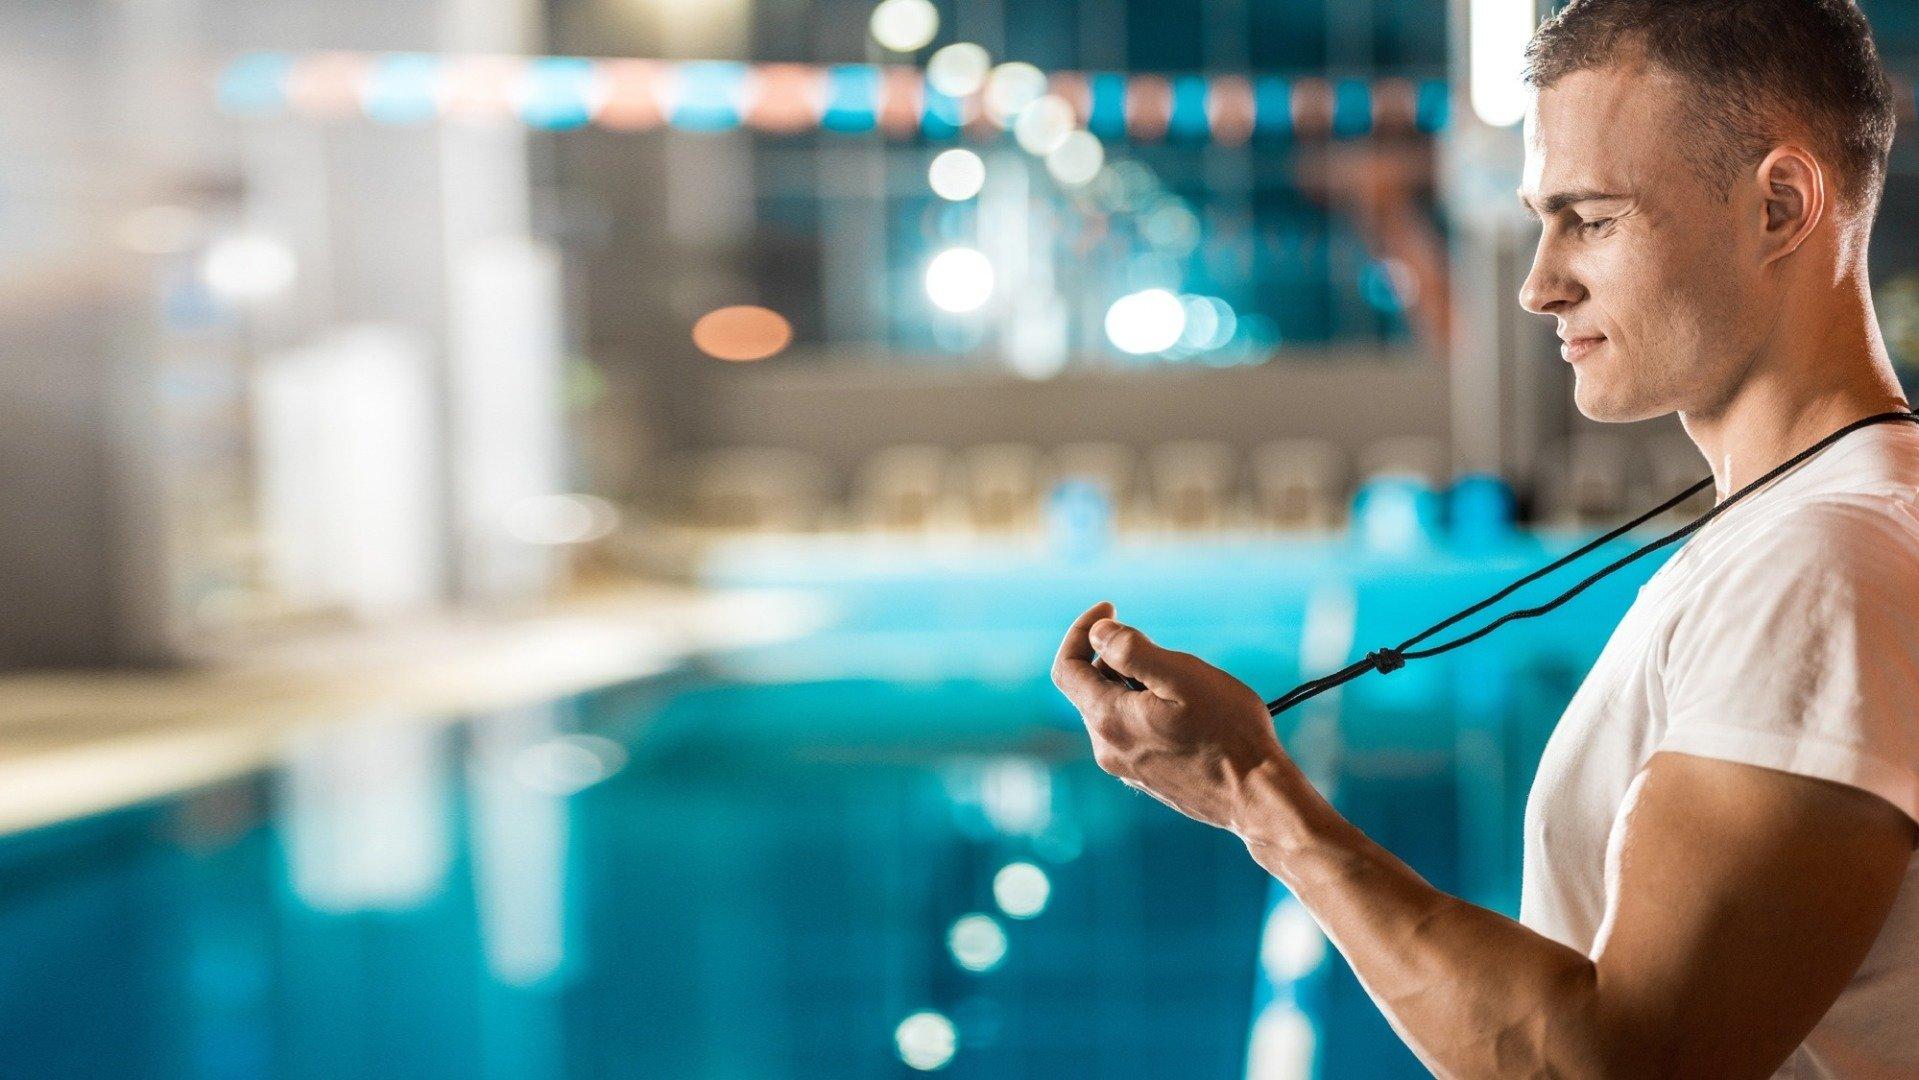 Як плавцям тренуватися без басейну: рекомендації, вправи і поради від тренера